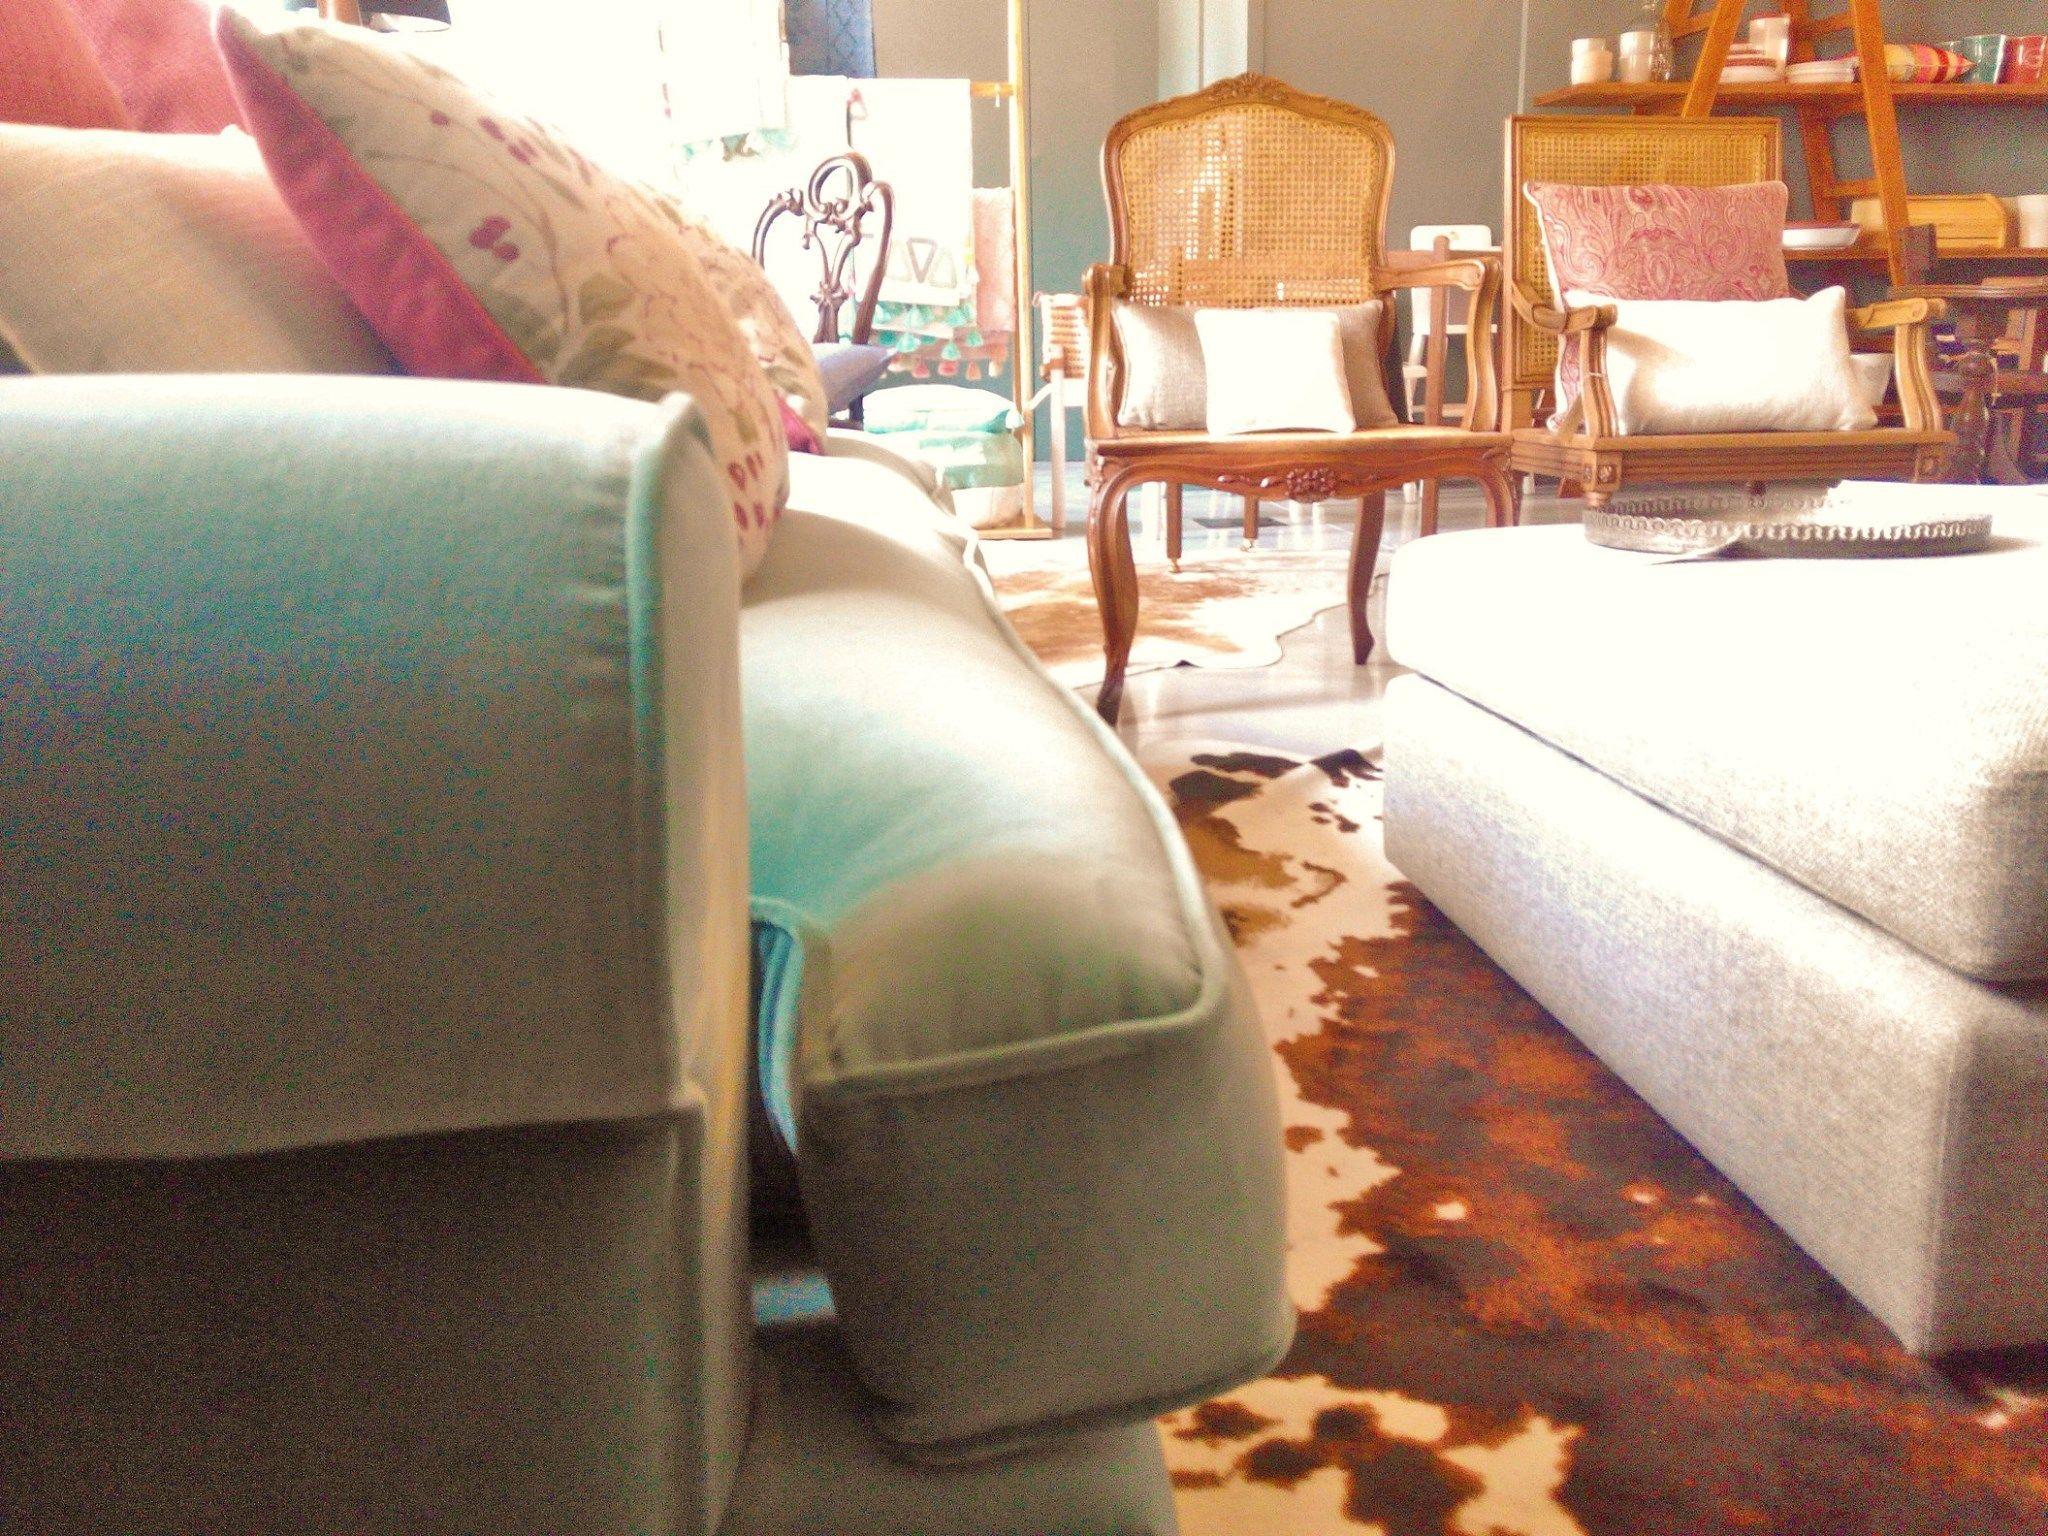 #mercadoloftstore #umseisum #porto #sofa #veludo #velvet #blue #conforto #padrão #pattern #chair #woodenchair #pillow #almofada #banqueta #metal #peças recuperadas #mobiliário #furniture #peças